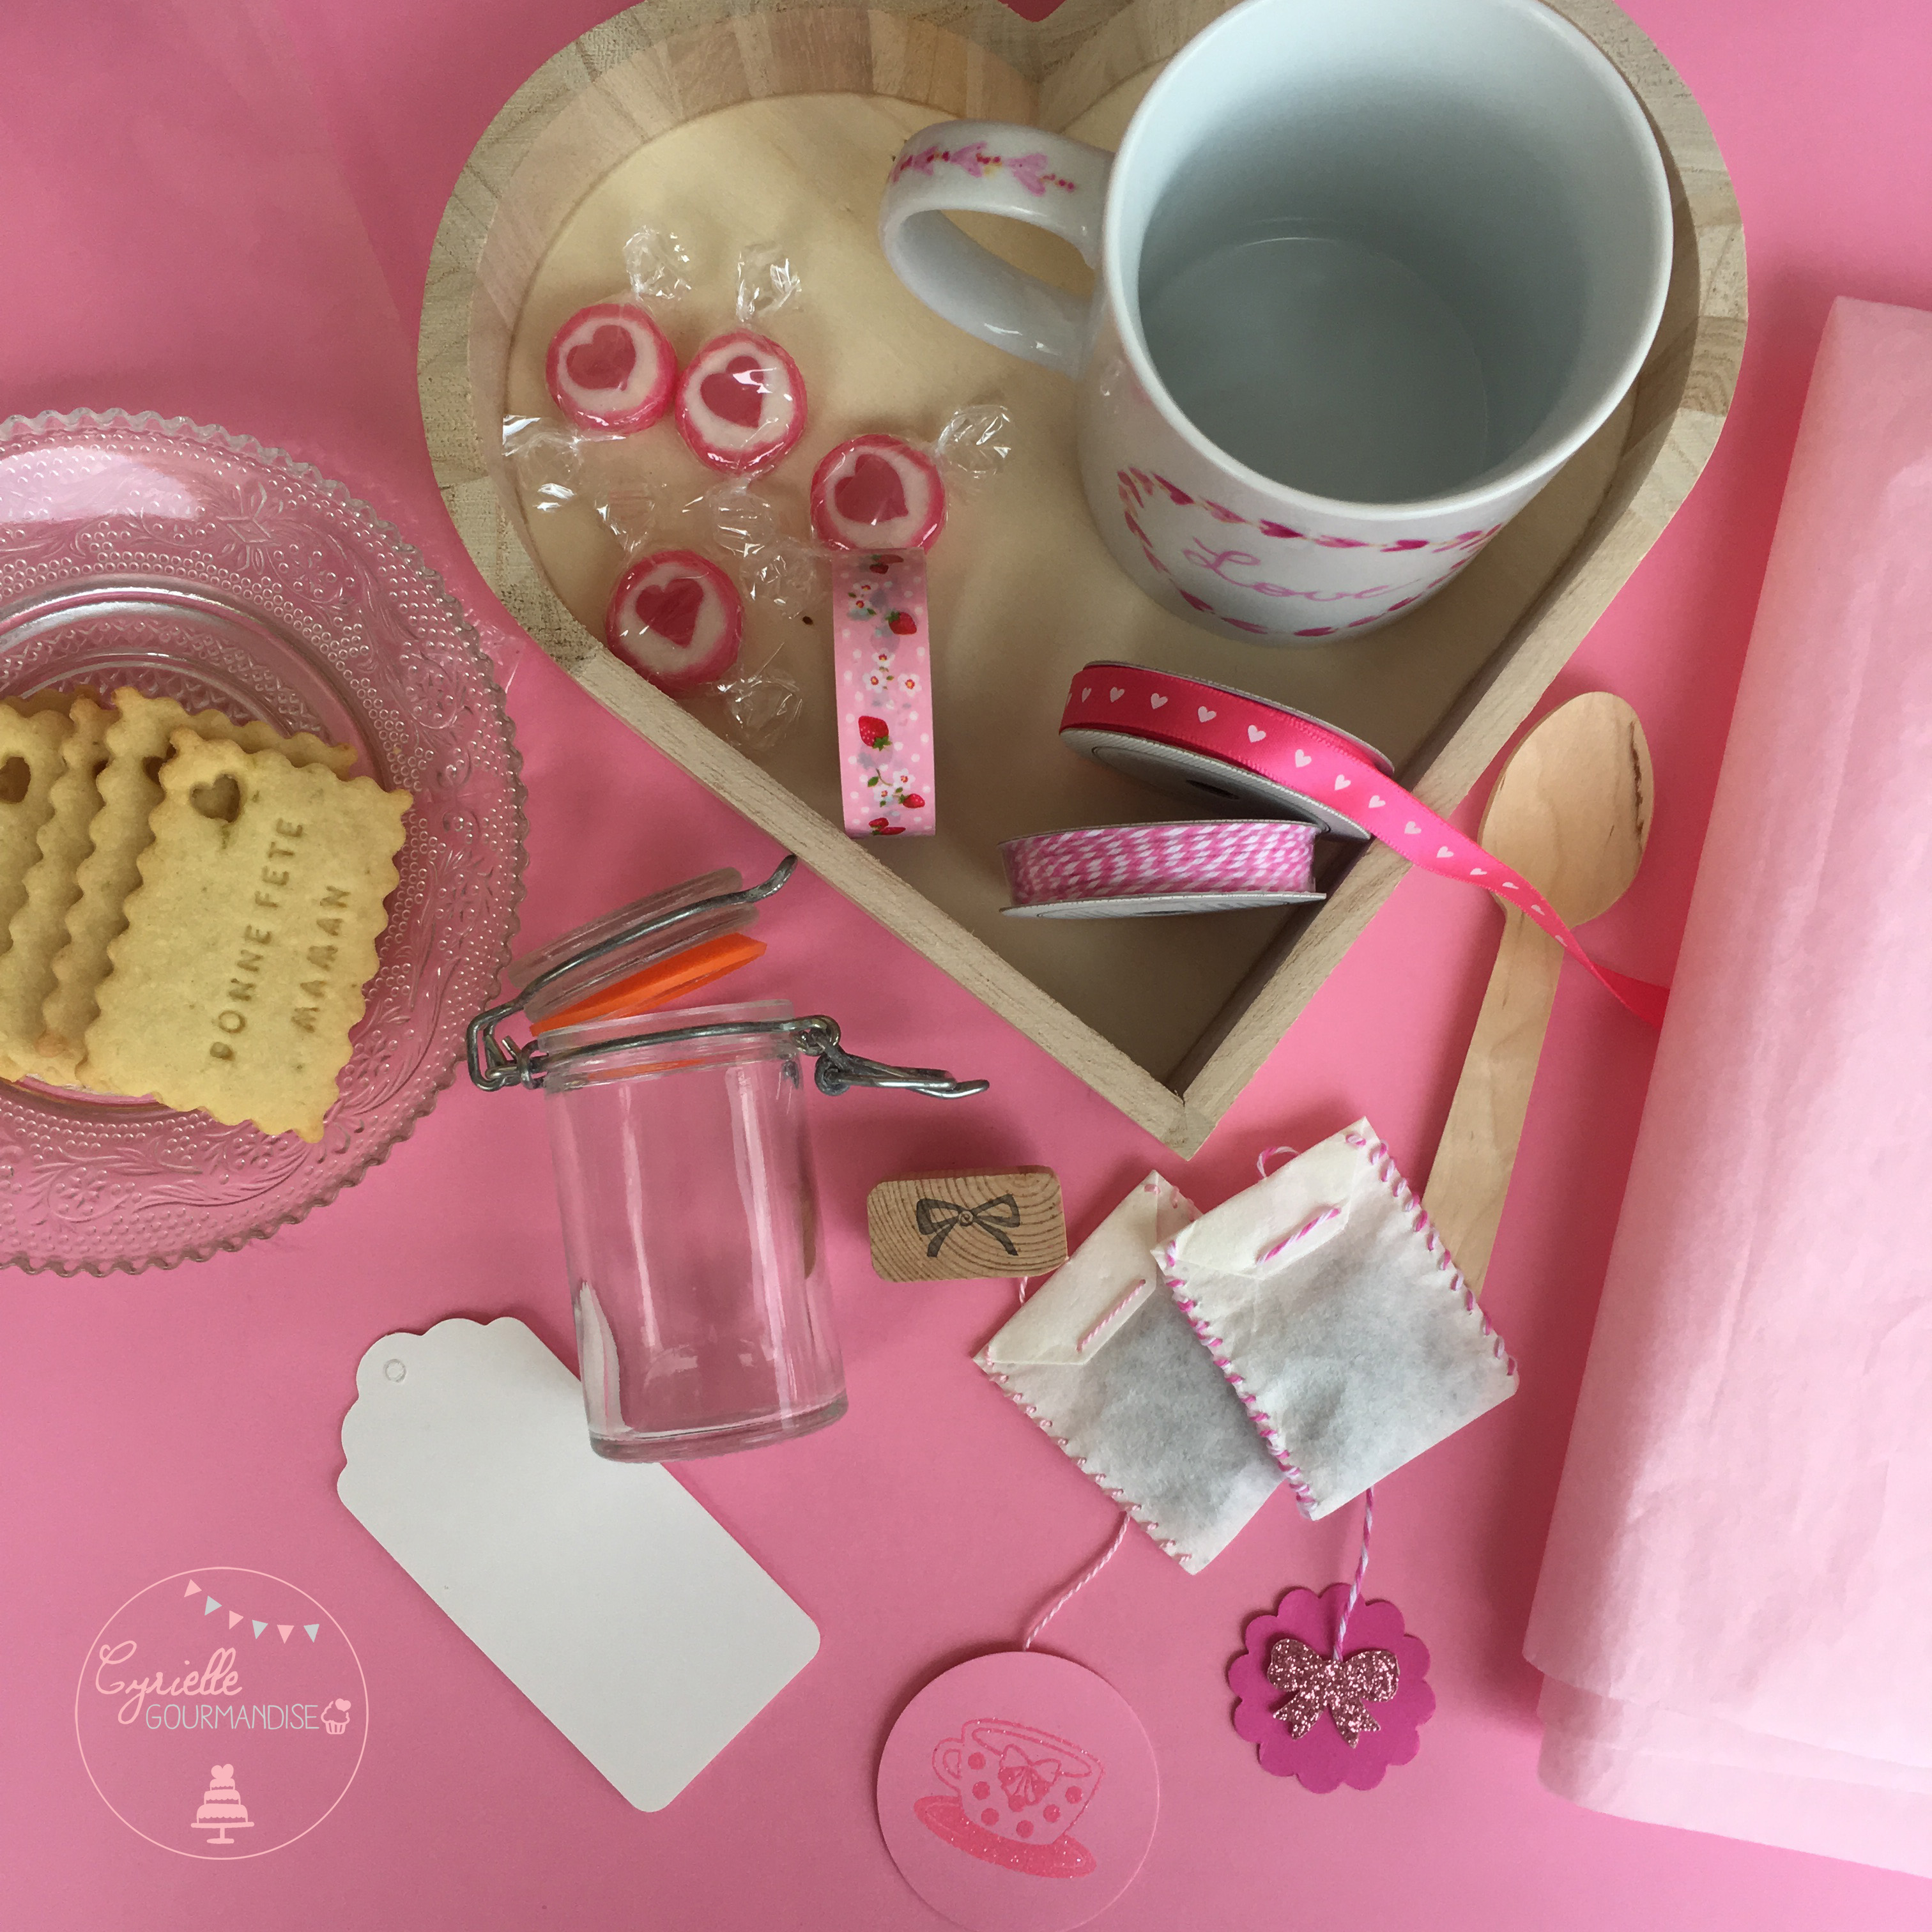 Coffret Tea Time Gourmand - Matériel